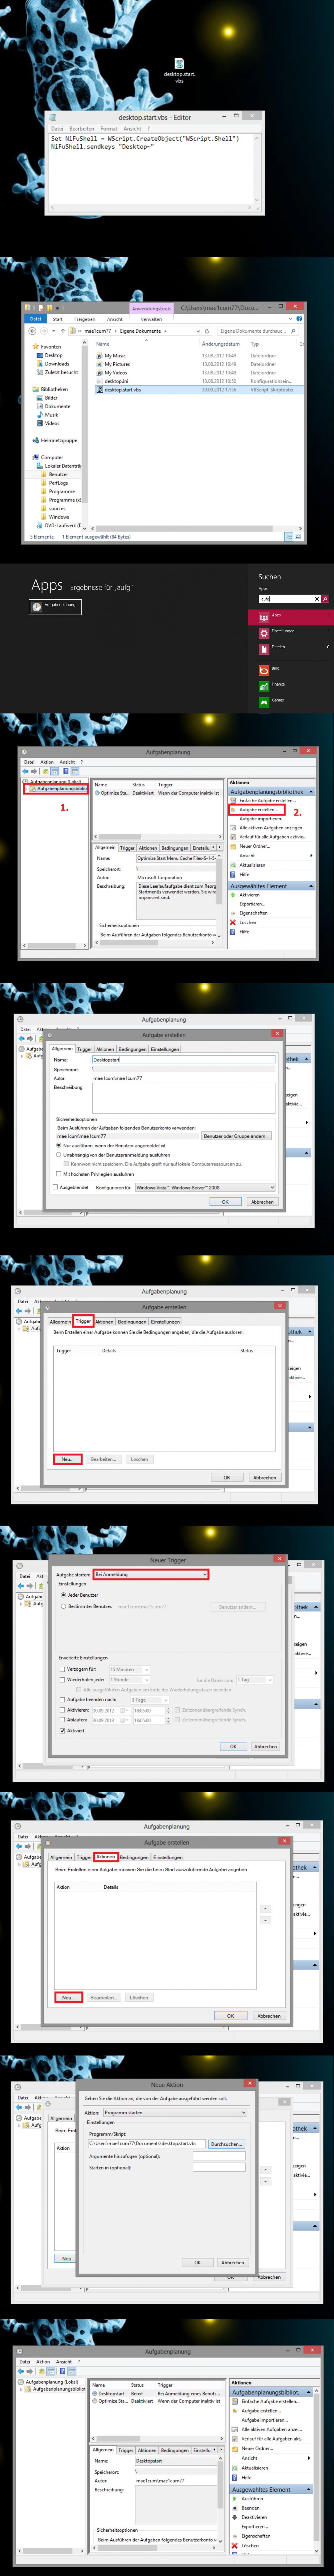 desktop.start#all.jpg